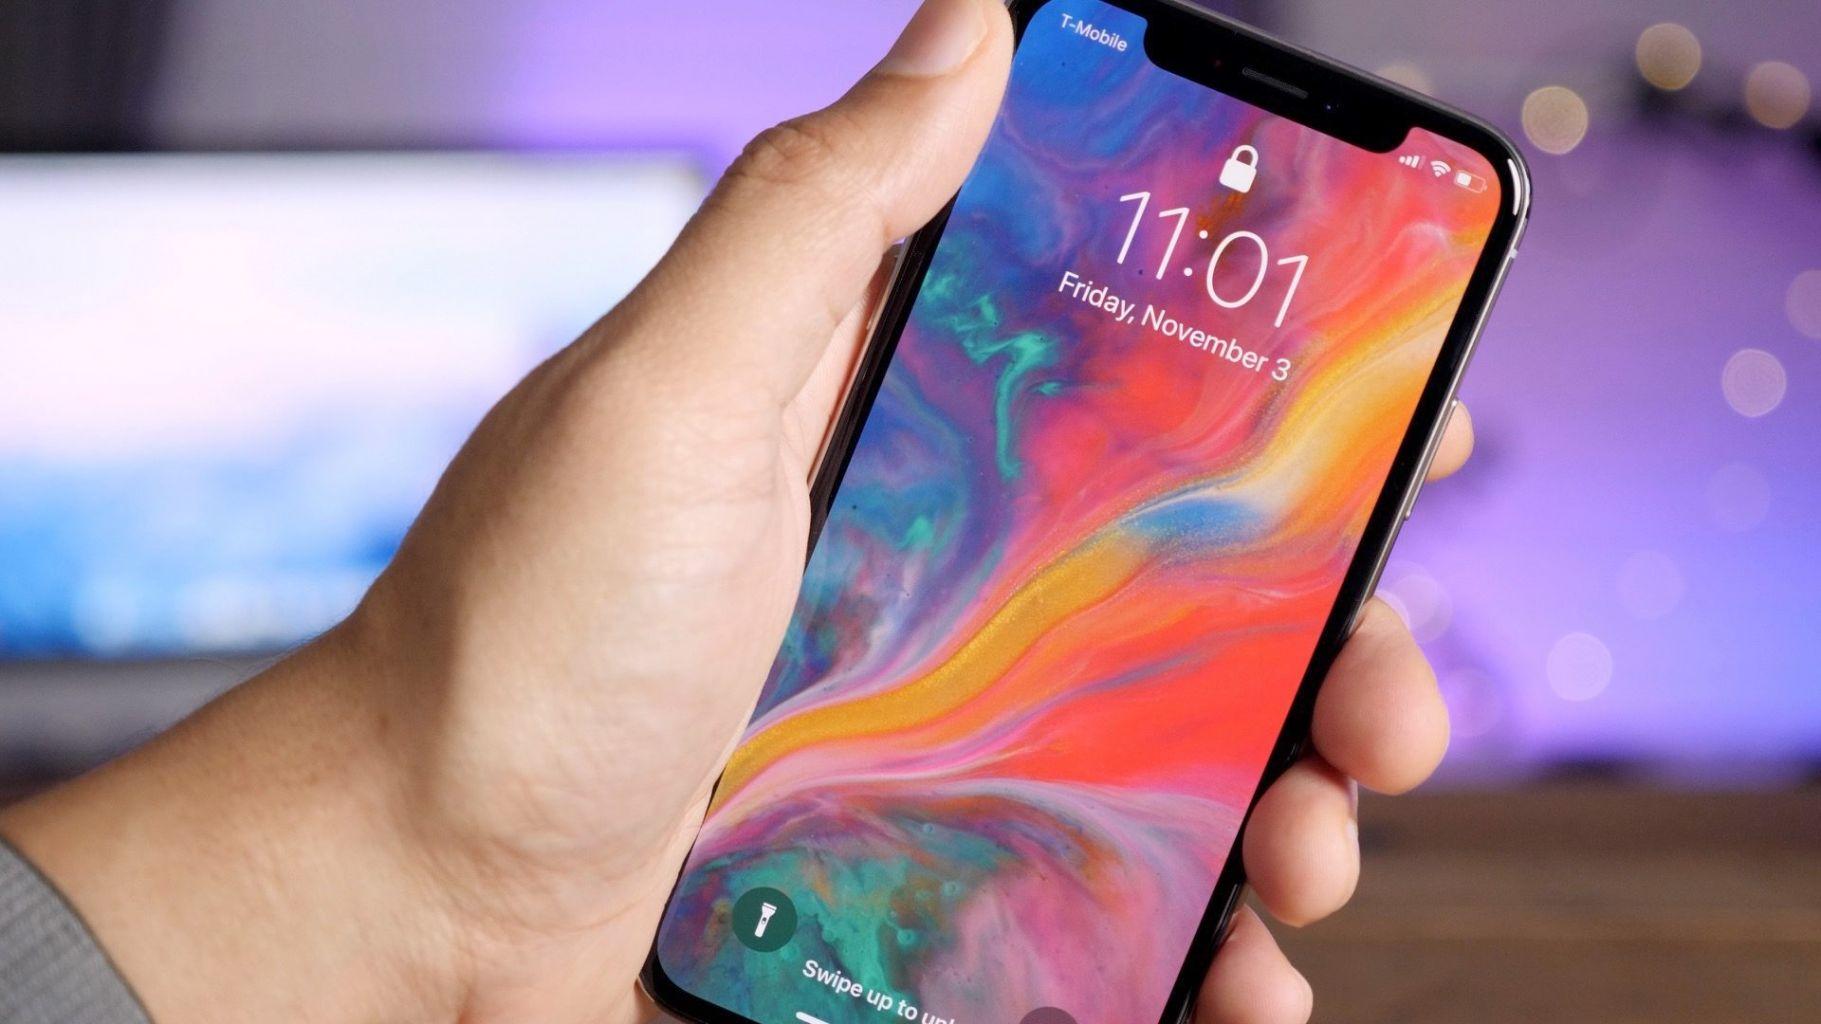 巴克莱银行:35%的人计划购买iPhone X